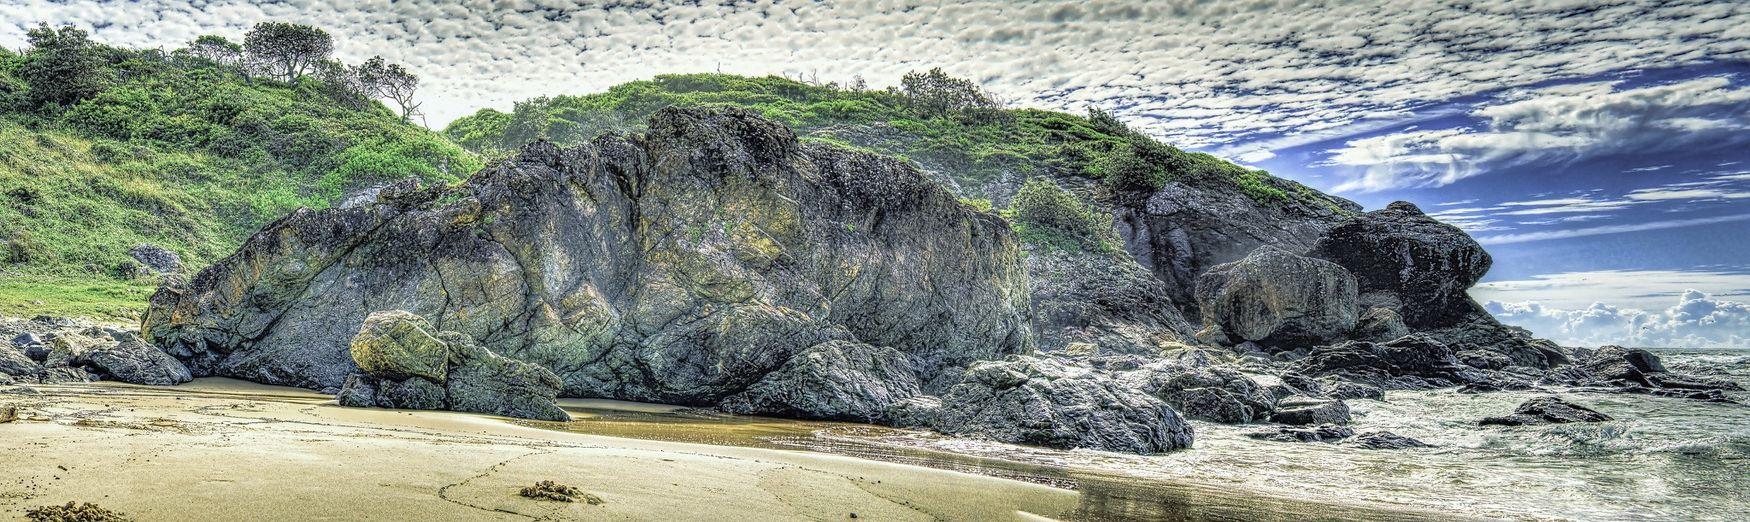 HDR Panorama Seascapes Port Macquarie Australia Beach Landscape Landscape_Collection EyeEm Best Shots - Landscape Rocks